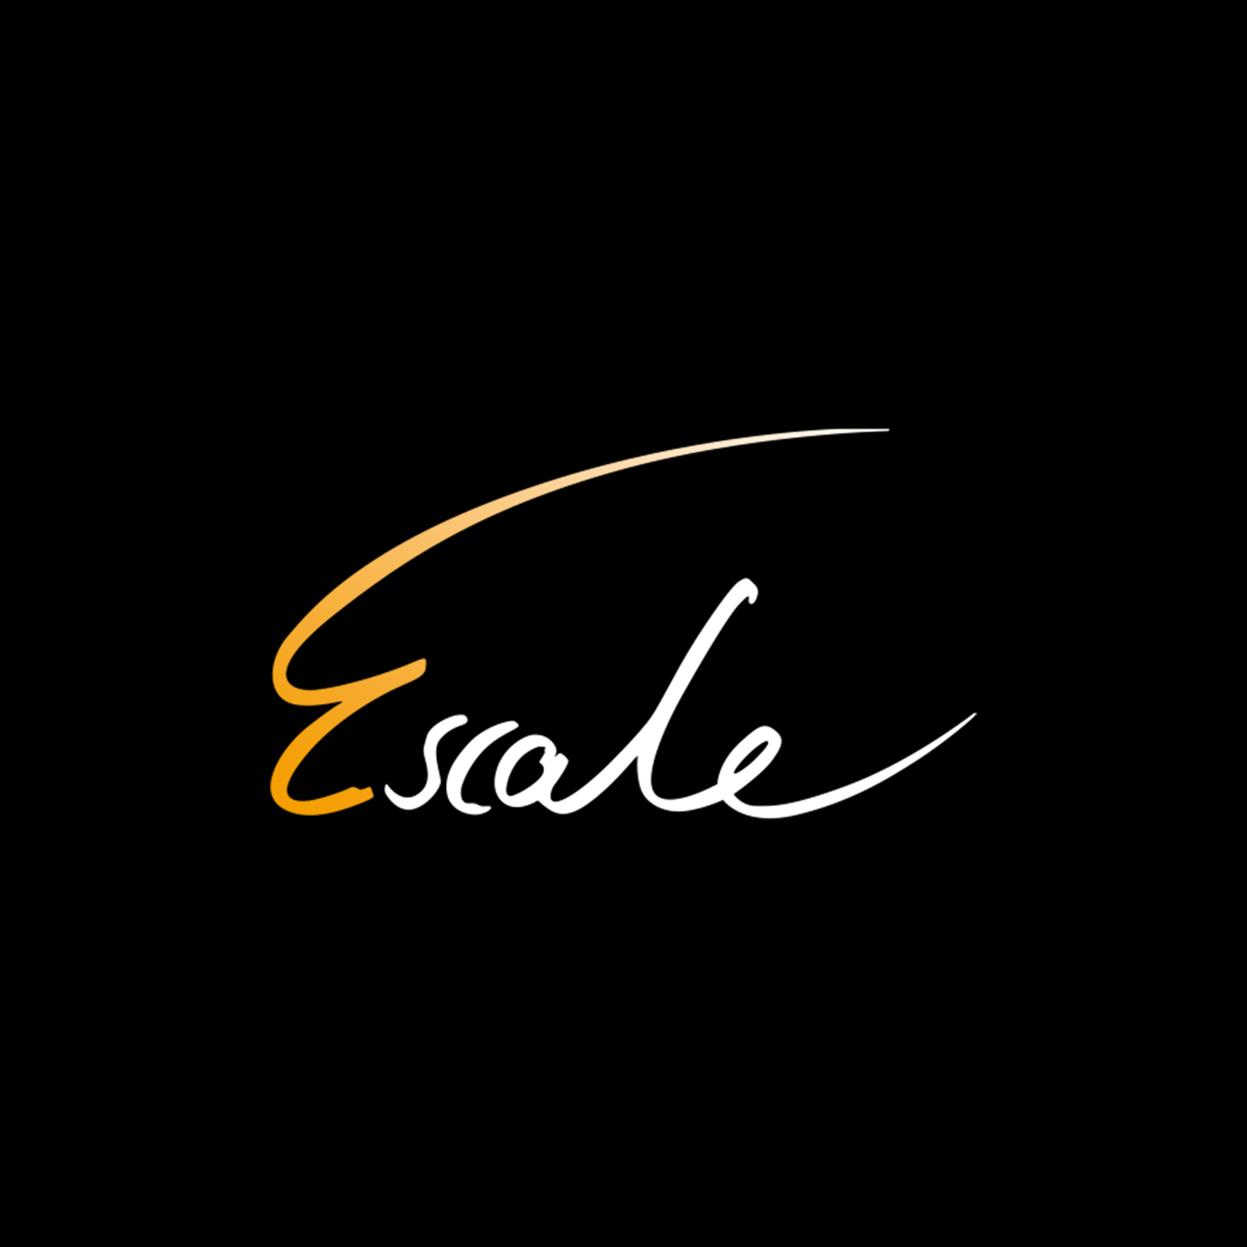 Escale - Objekte Licht & Raum GmbH in Hamburg